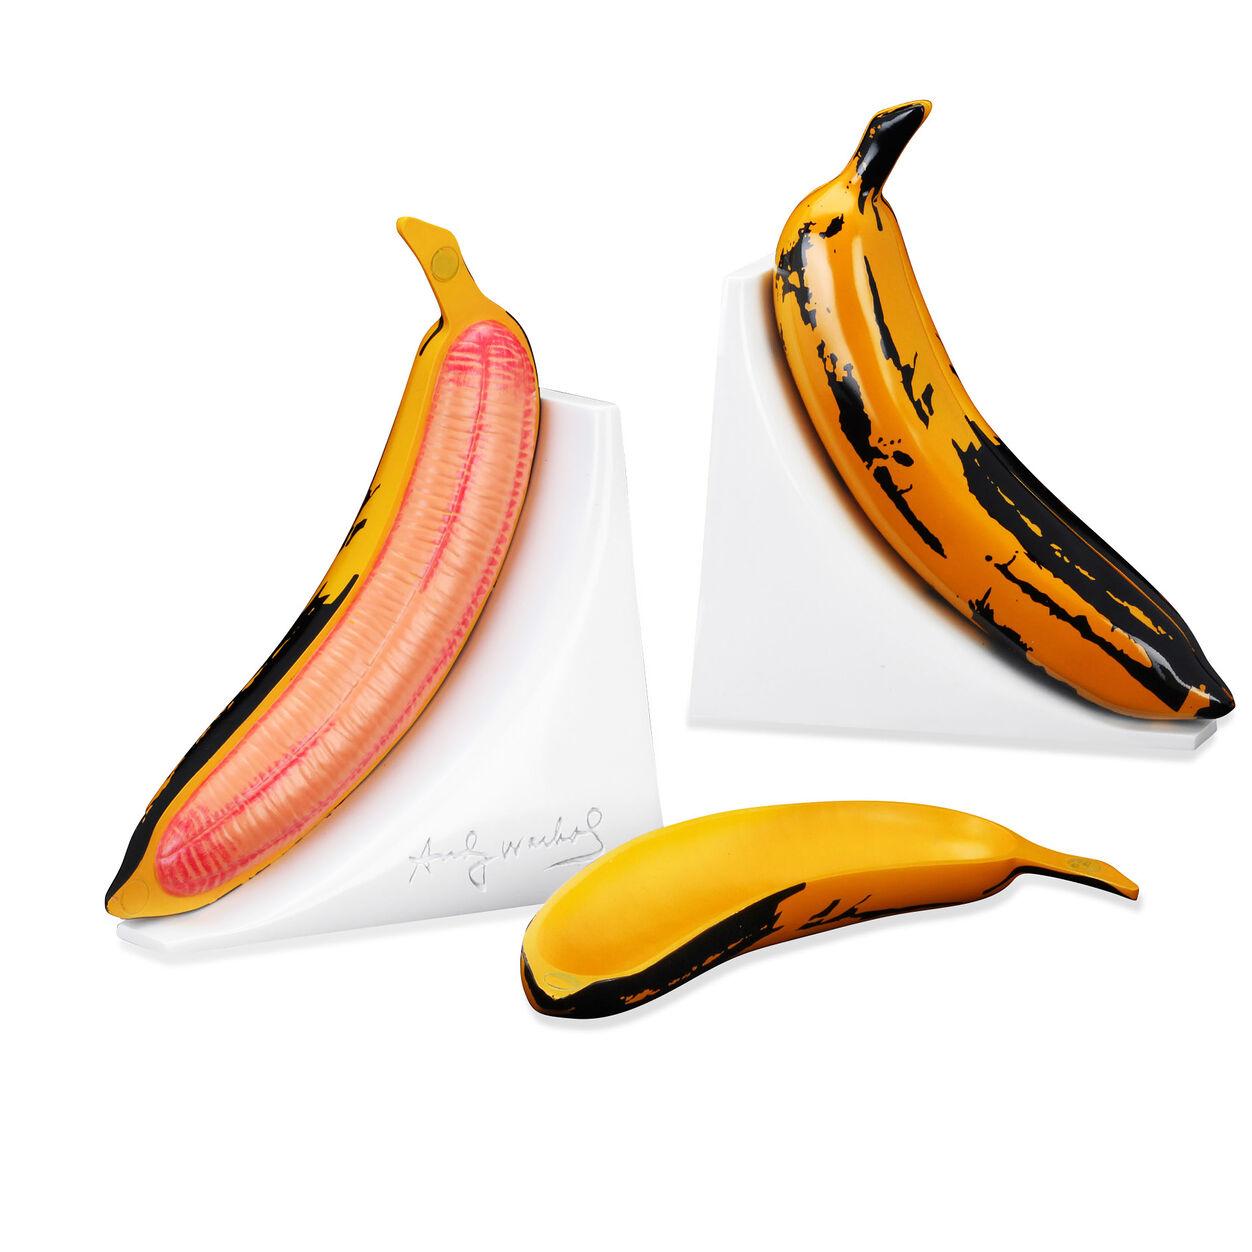 Andy Warhol Banana Bookends